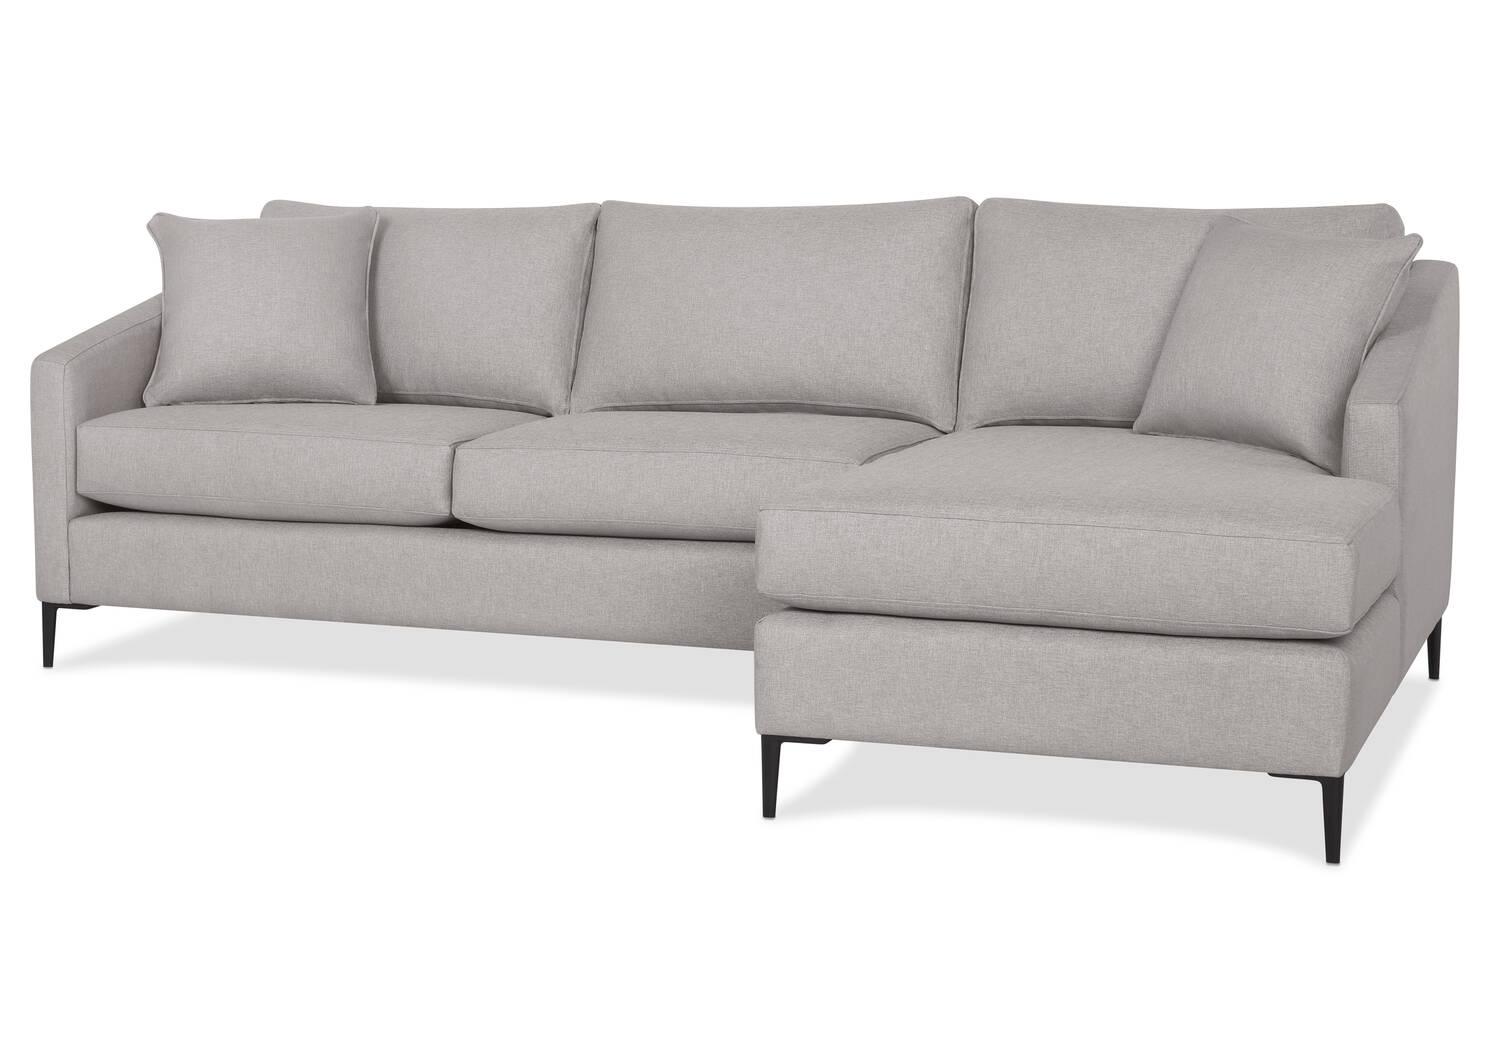 Canapé d'angle Hensley personnalisé